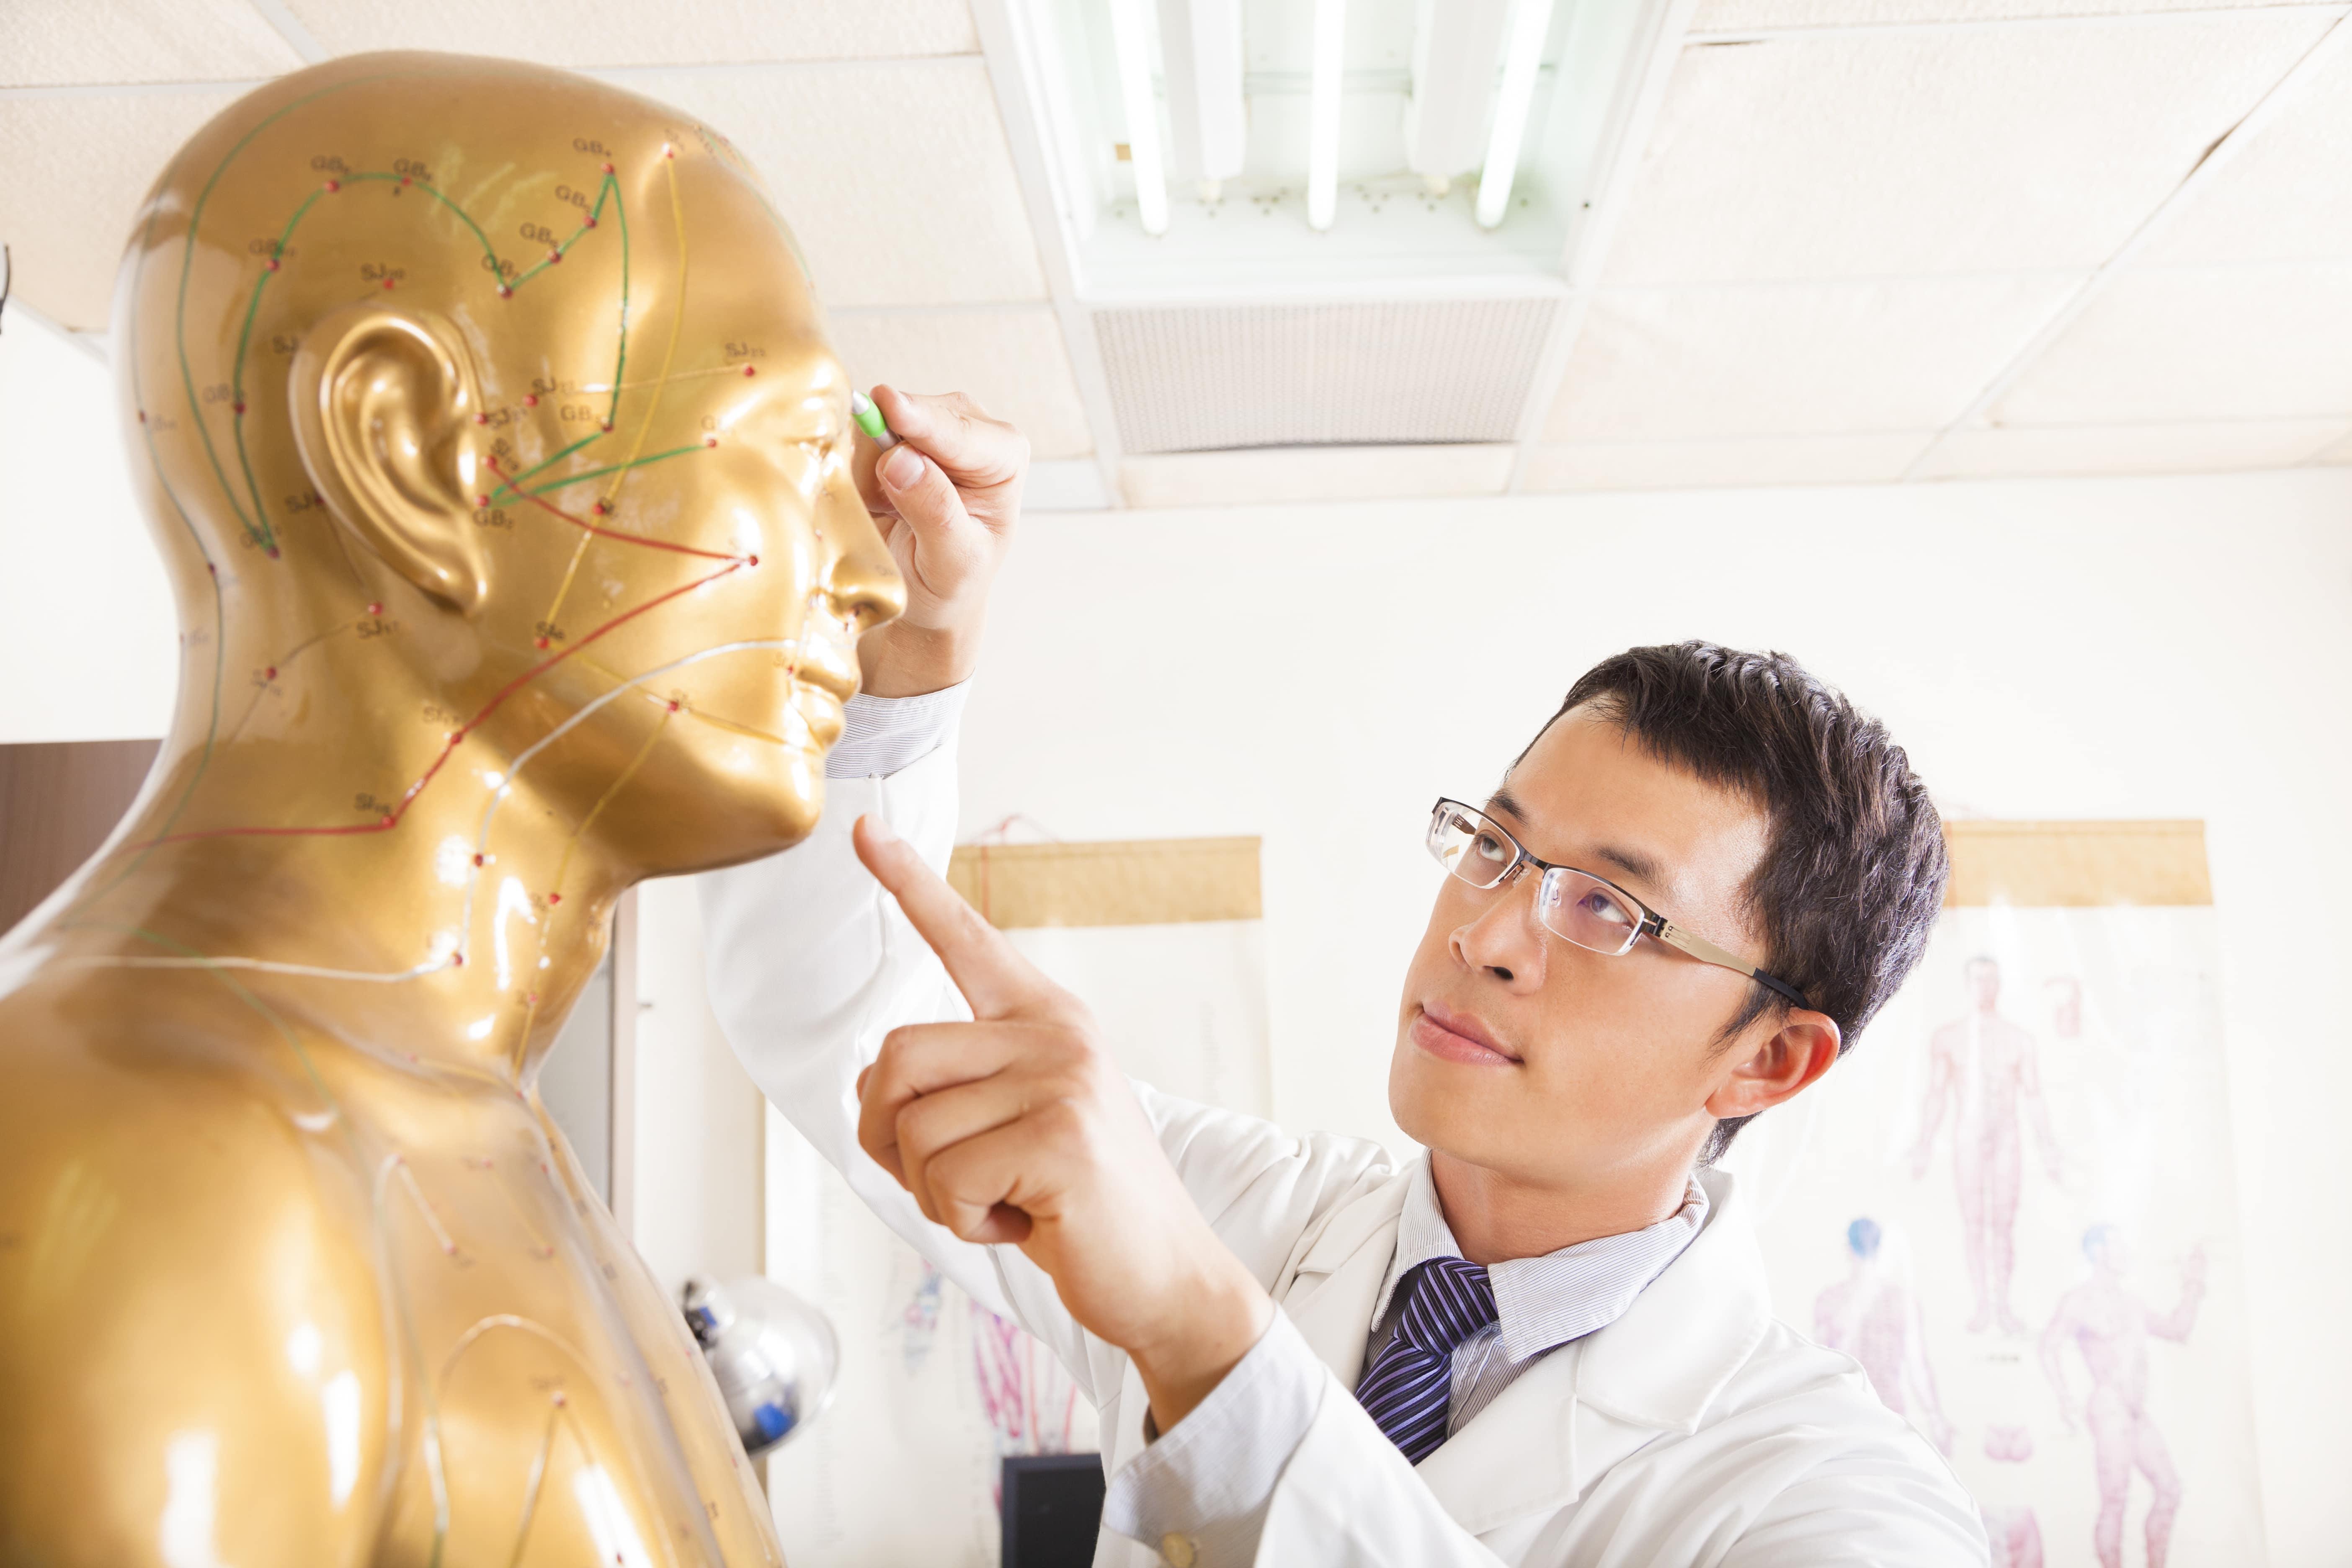 金の人体模型と男性医師